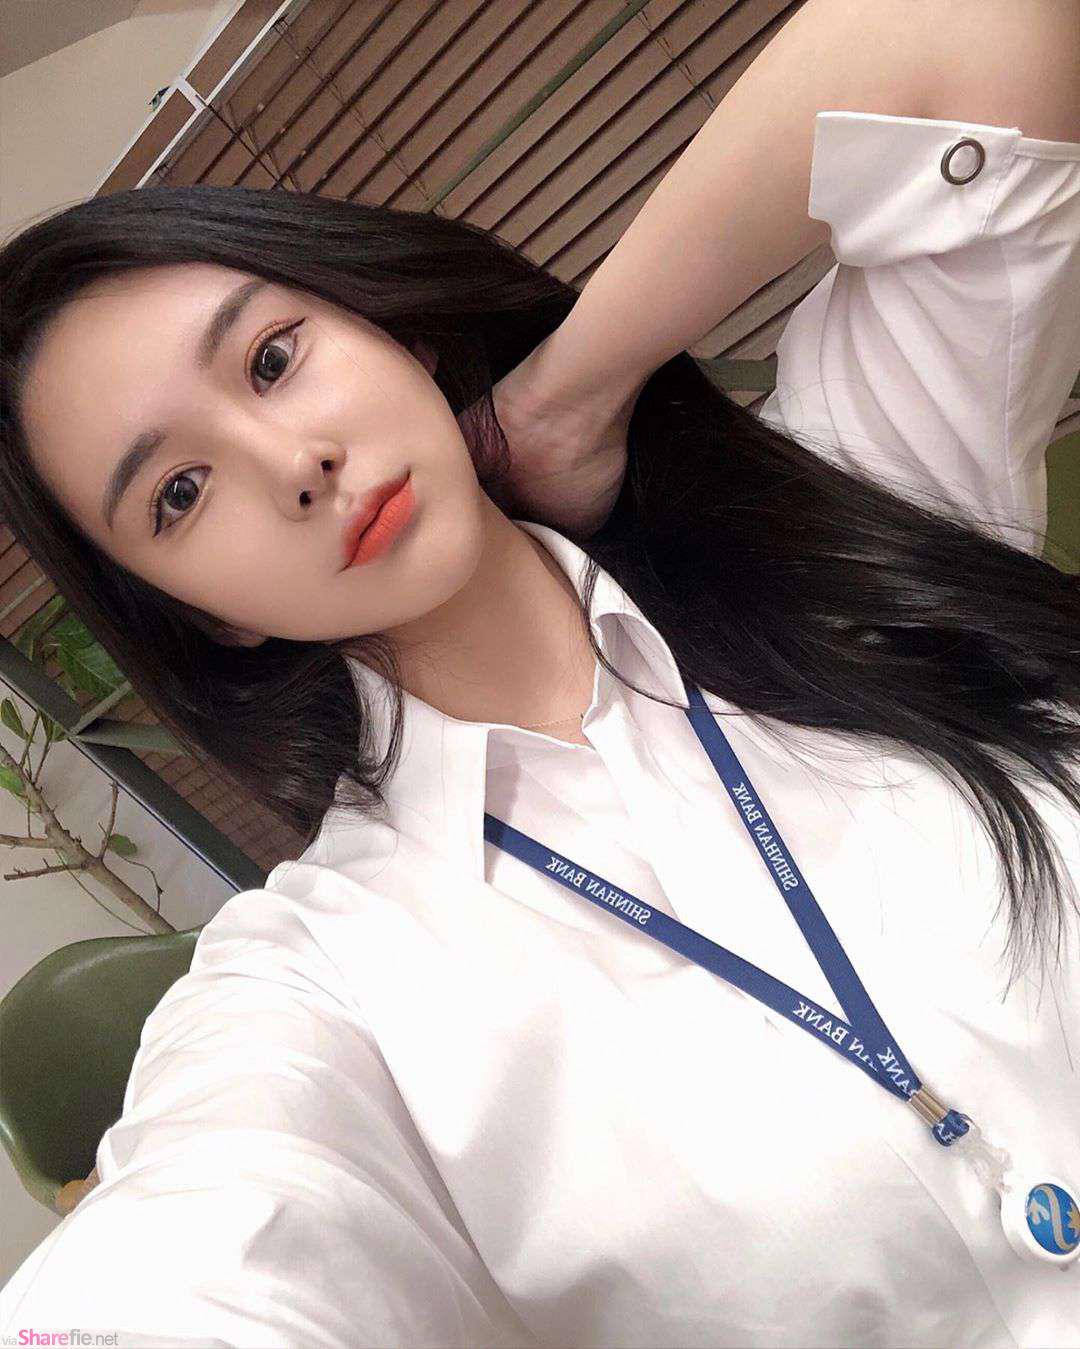 韩国银行女职员,身材很凶勐